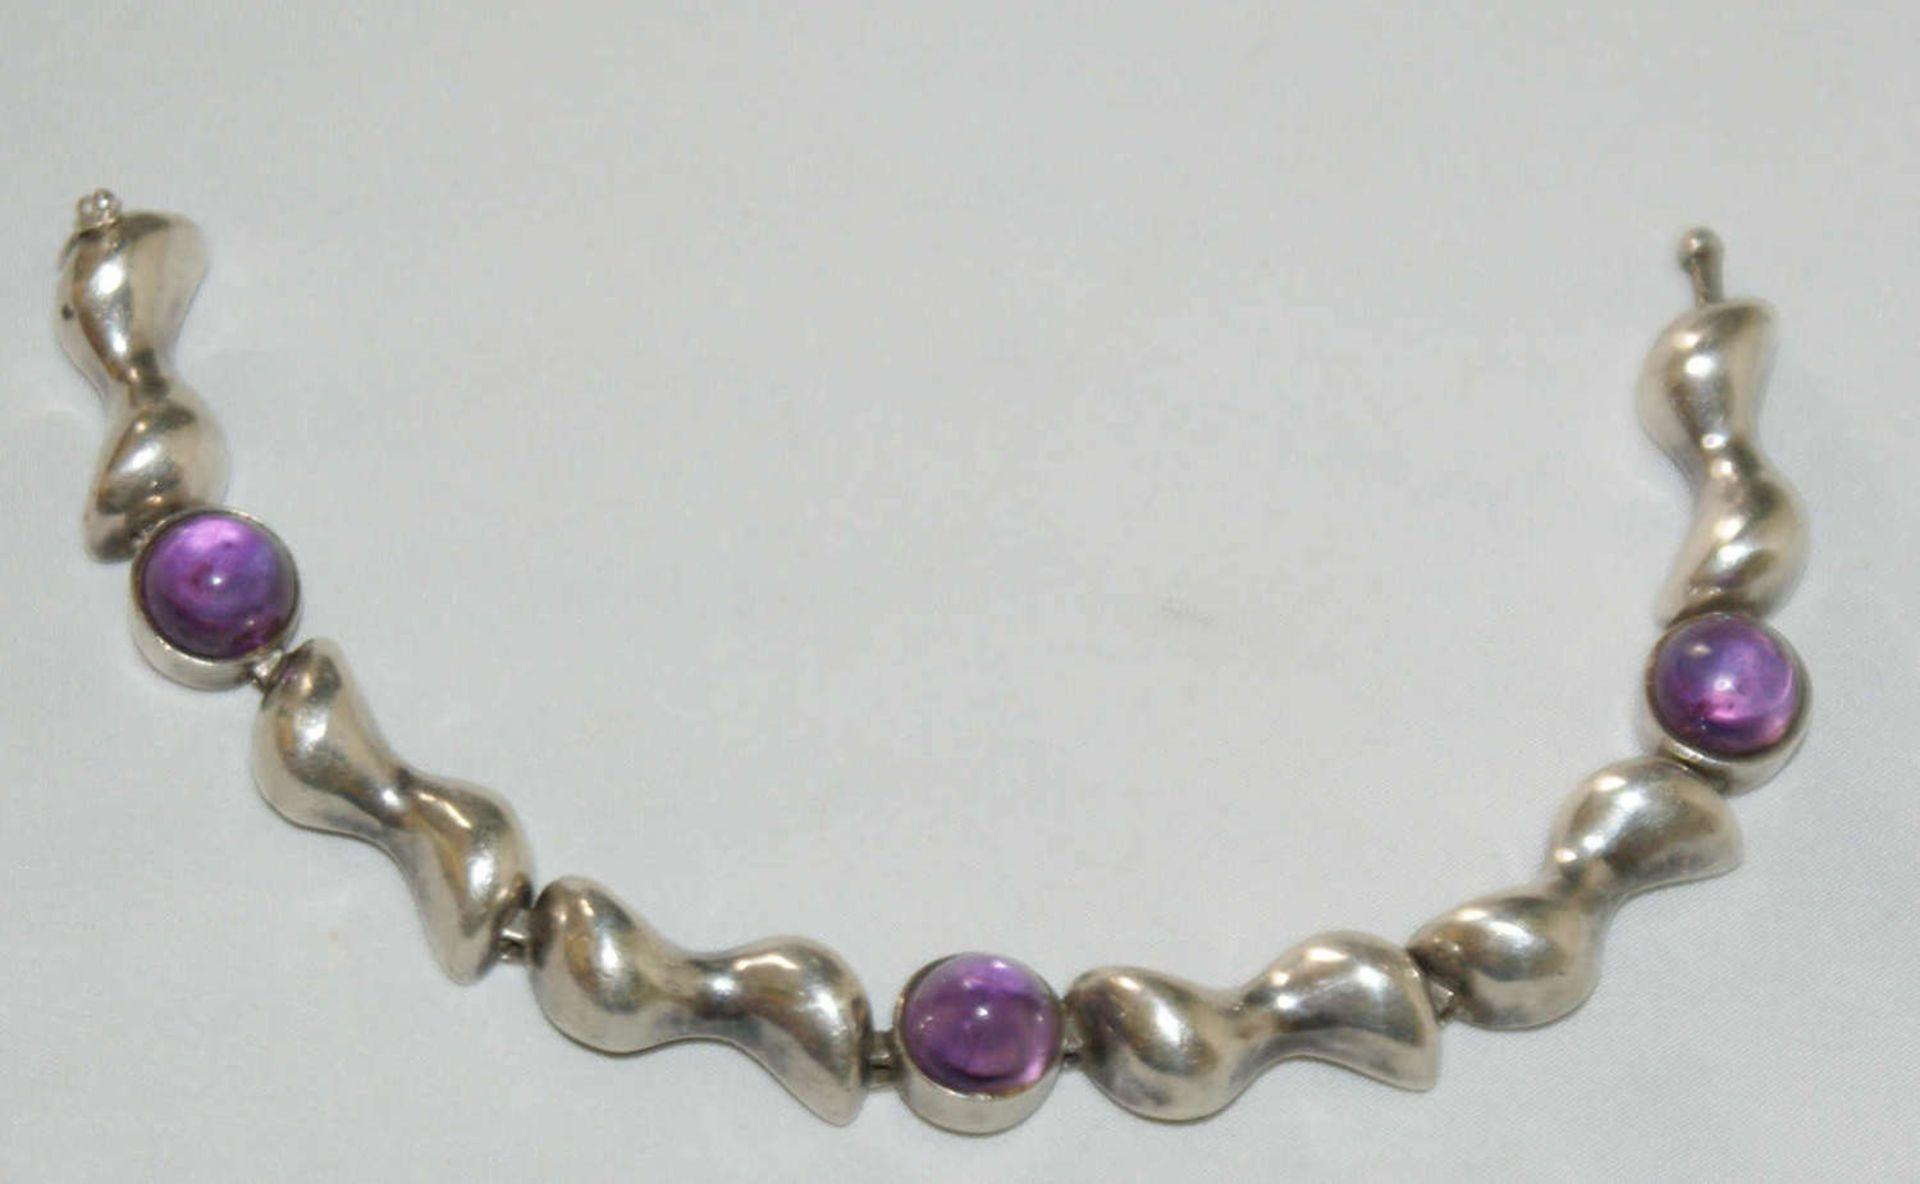 Silberarmband, 835er Silber, besetzt mit Amethysten. Länge ca. 19 cm, Gewicht ca. 32 gr